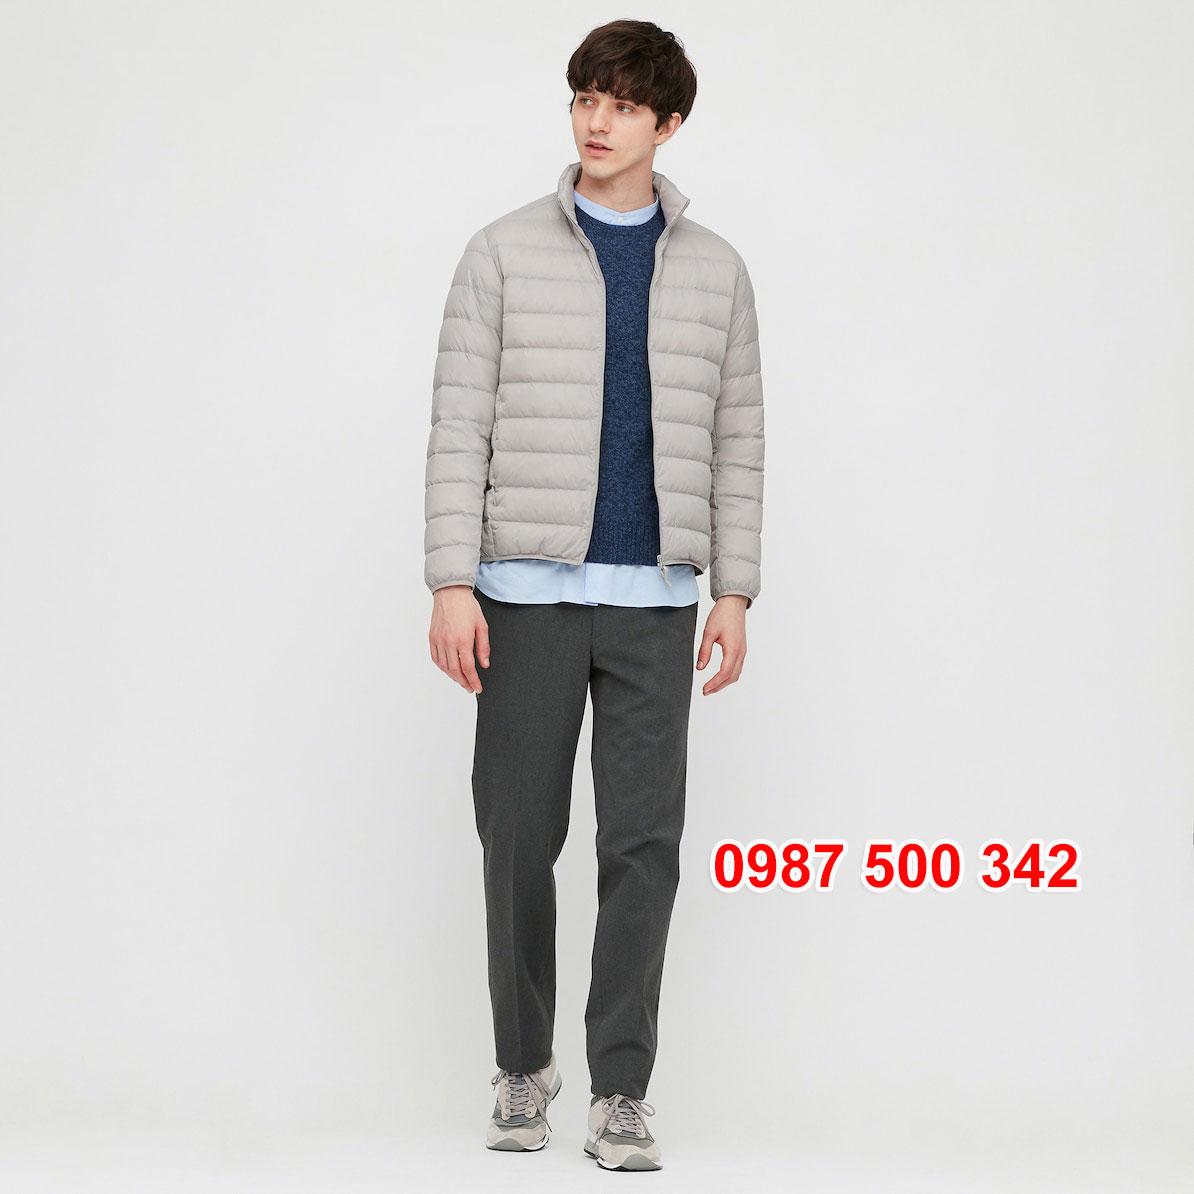 Áo lông vũ nam không mũ Uniqlo 2020 - 2021 mã 429280 áo màu ghi sáng 02 LIGHT GRAY